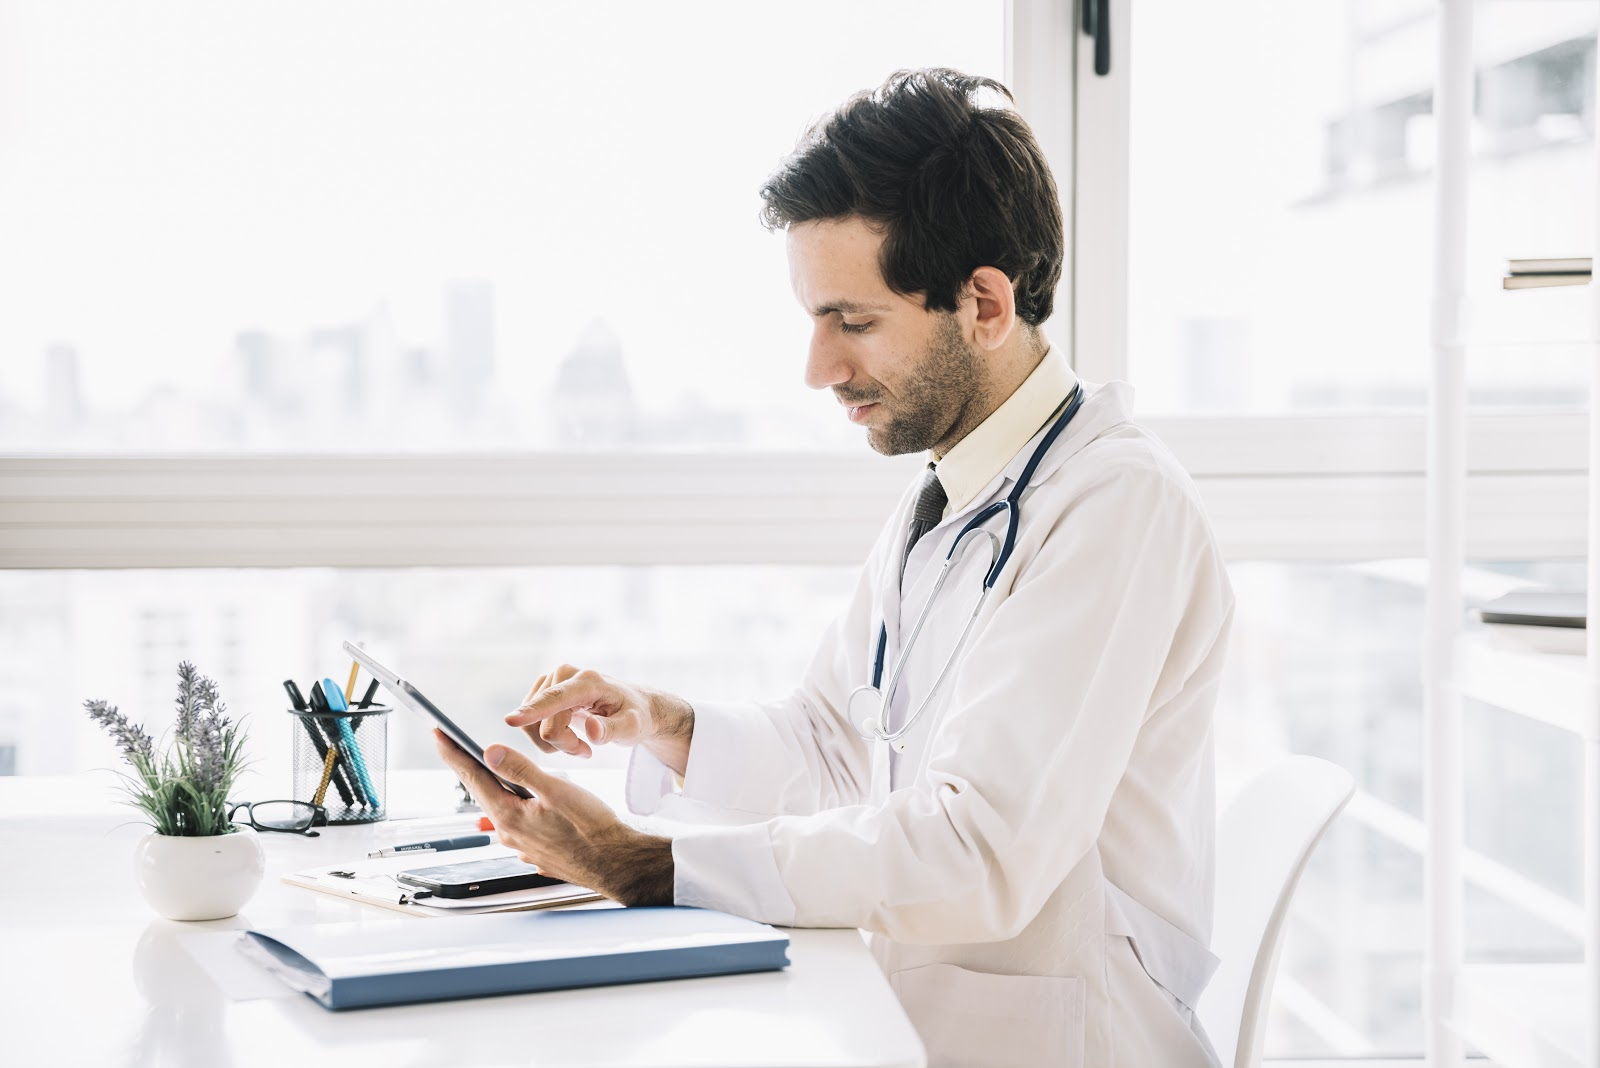 4 dicas de redes sociais, para alavancar a sua carreira médica